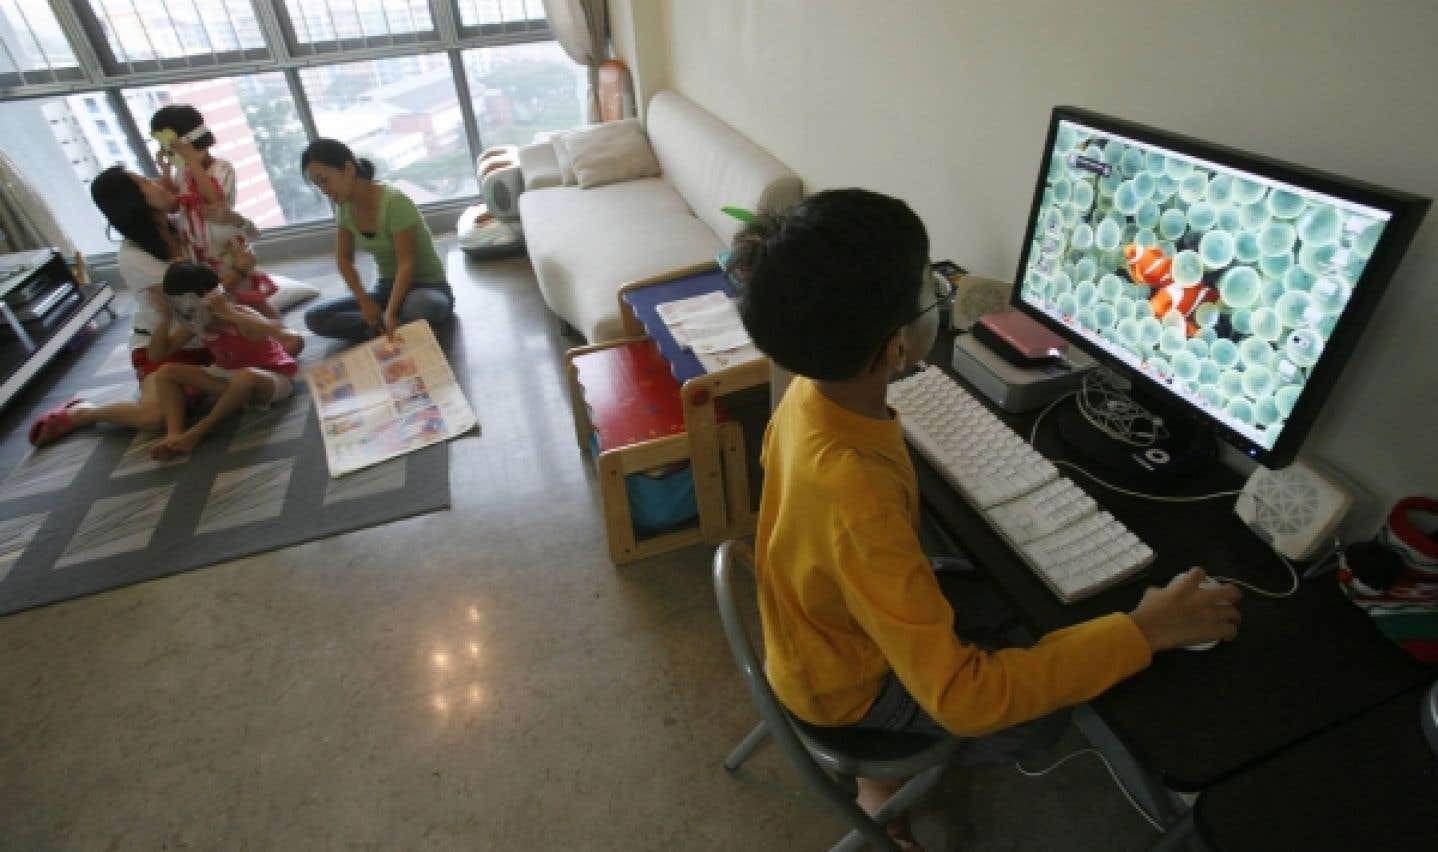 Les parents d'un garçon investissent quatre fois plus dans des gadgets informatiques que lorsqu'ils ont une fille, fait remarquer Christina Haralanova.